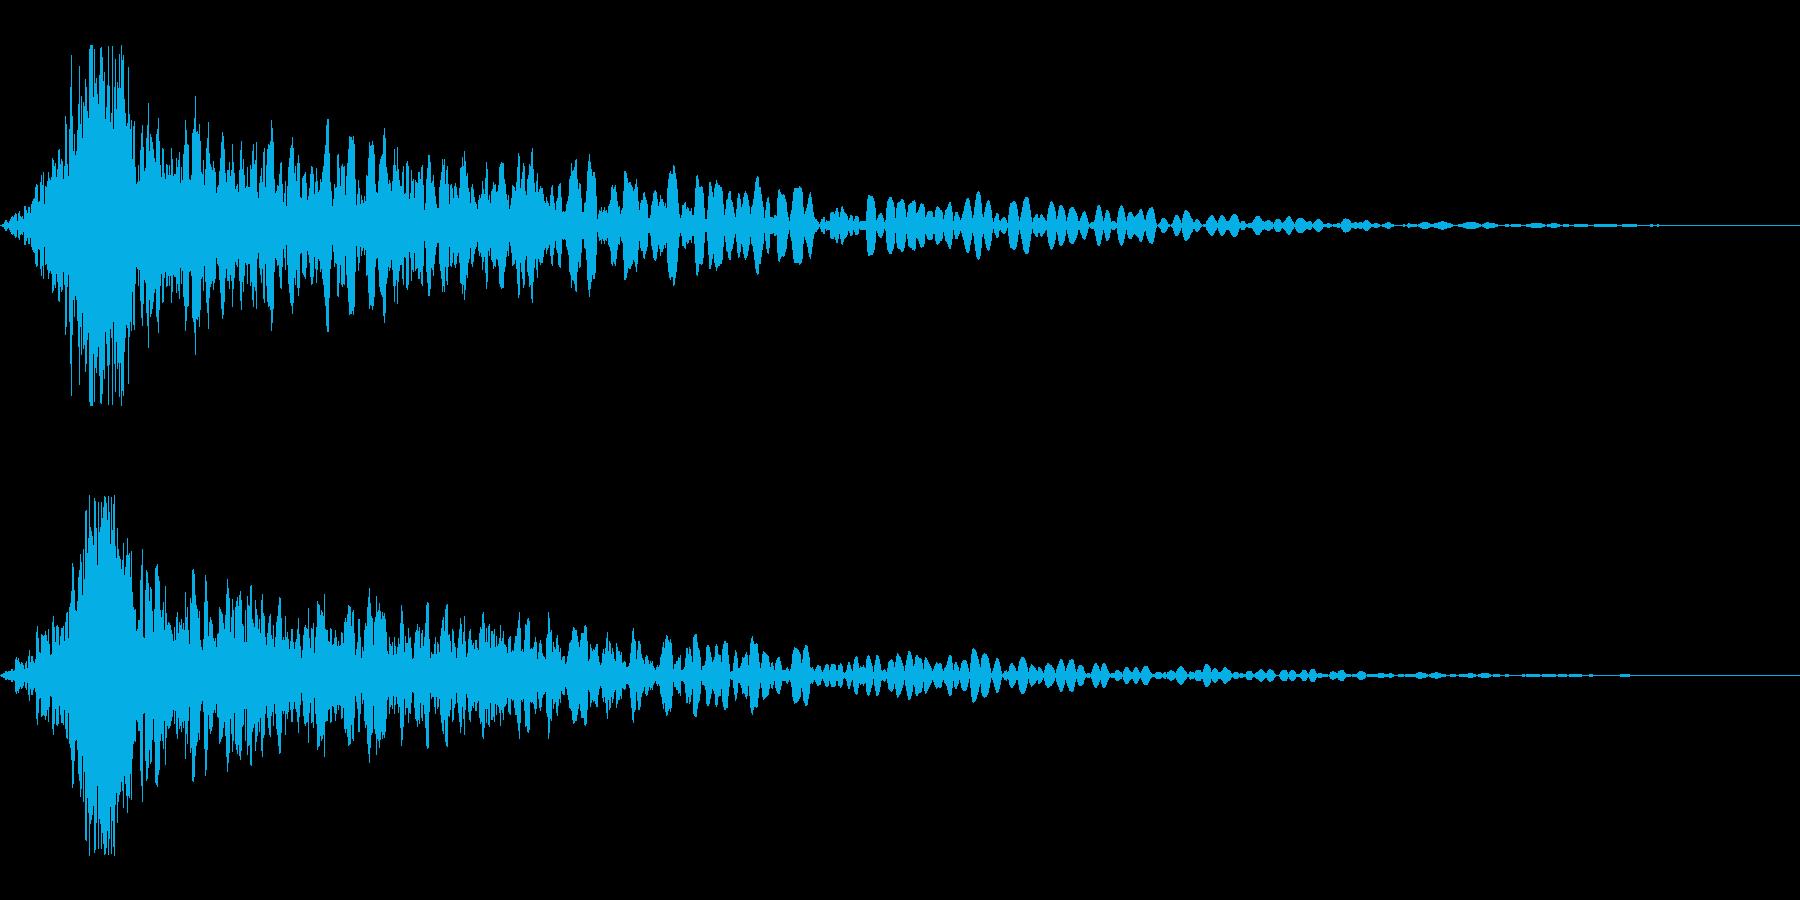 ホラー系アタック音99の再生済みの波形